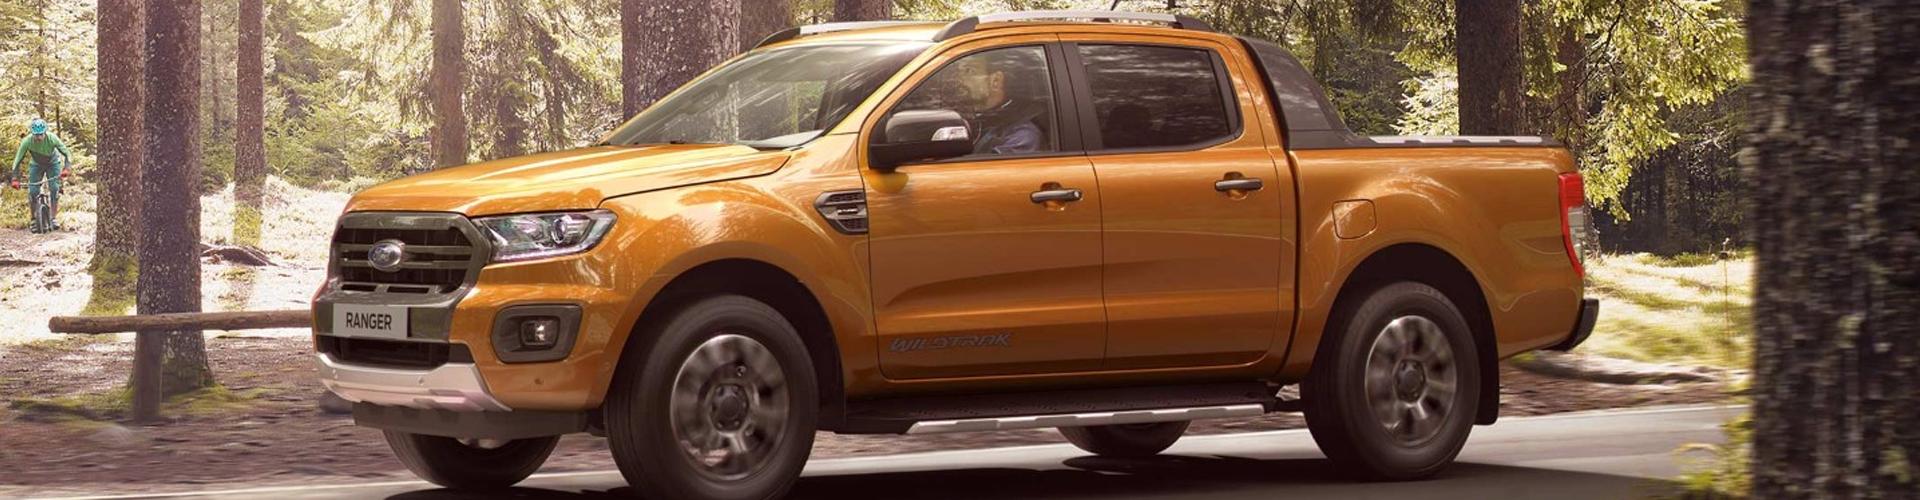 Ford Ranger Sehir Ici Sehir Disi Ve Ortalama Yakit Tuketimi